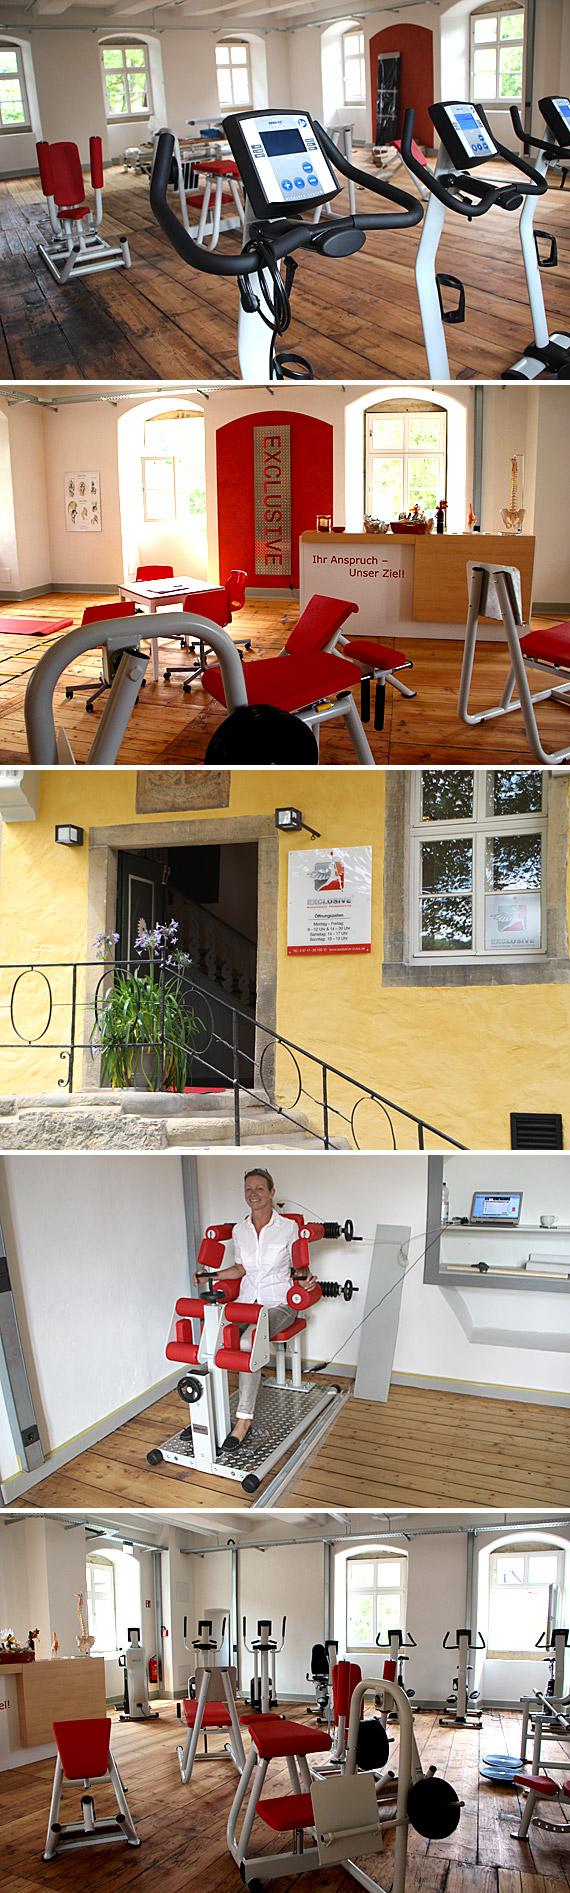 """""""Exklusive - Medizinisches Fitnesstraining"""" bietet auf rund 230 Quadratmetern im Obergeschoss der nach modernsten Gesichtspunkten renovierten Räume im geschichtsträchtigen Lübbecker Burgmannshof Reha-Sport"""